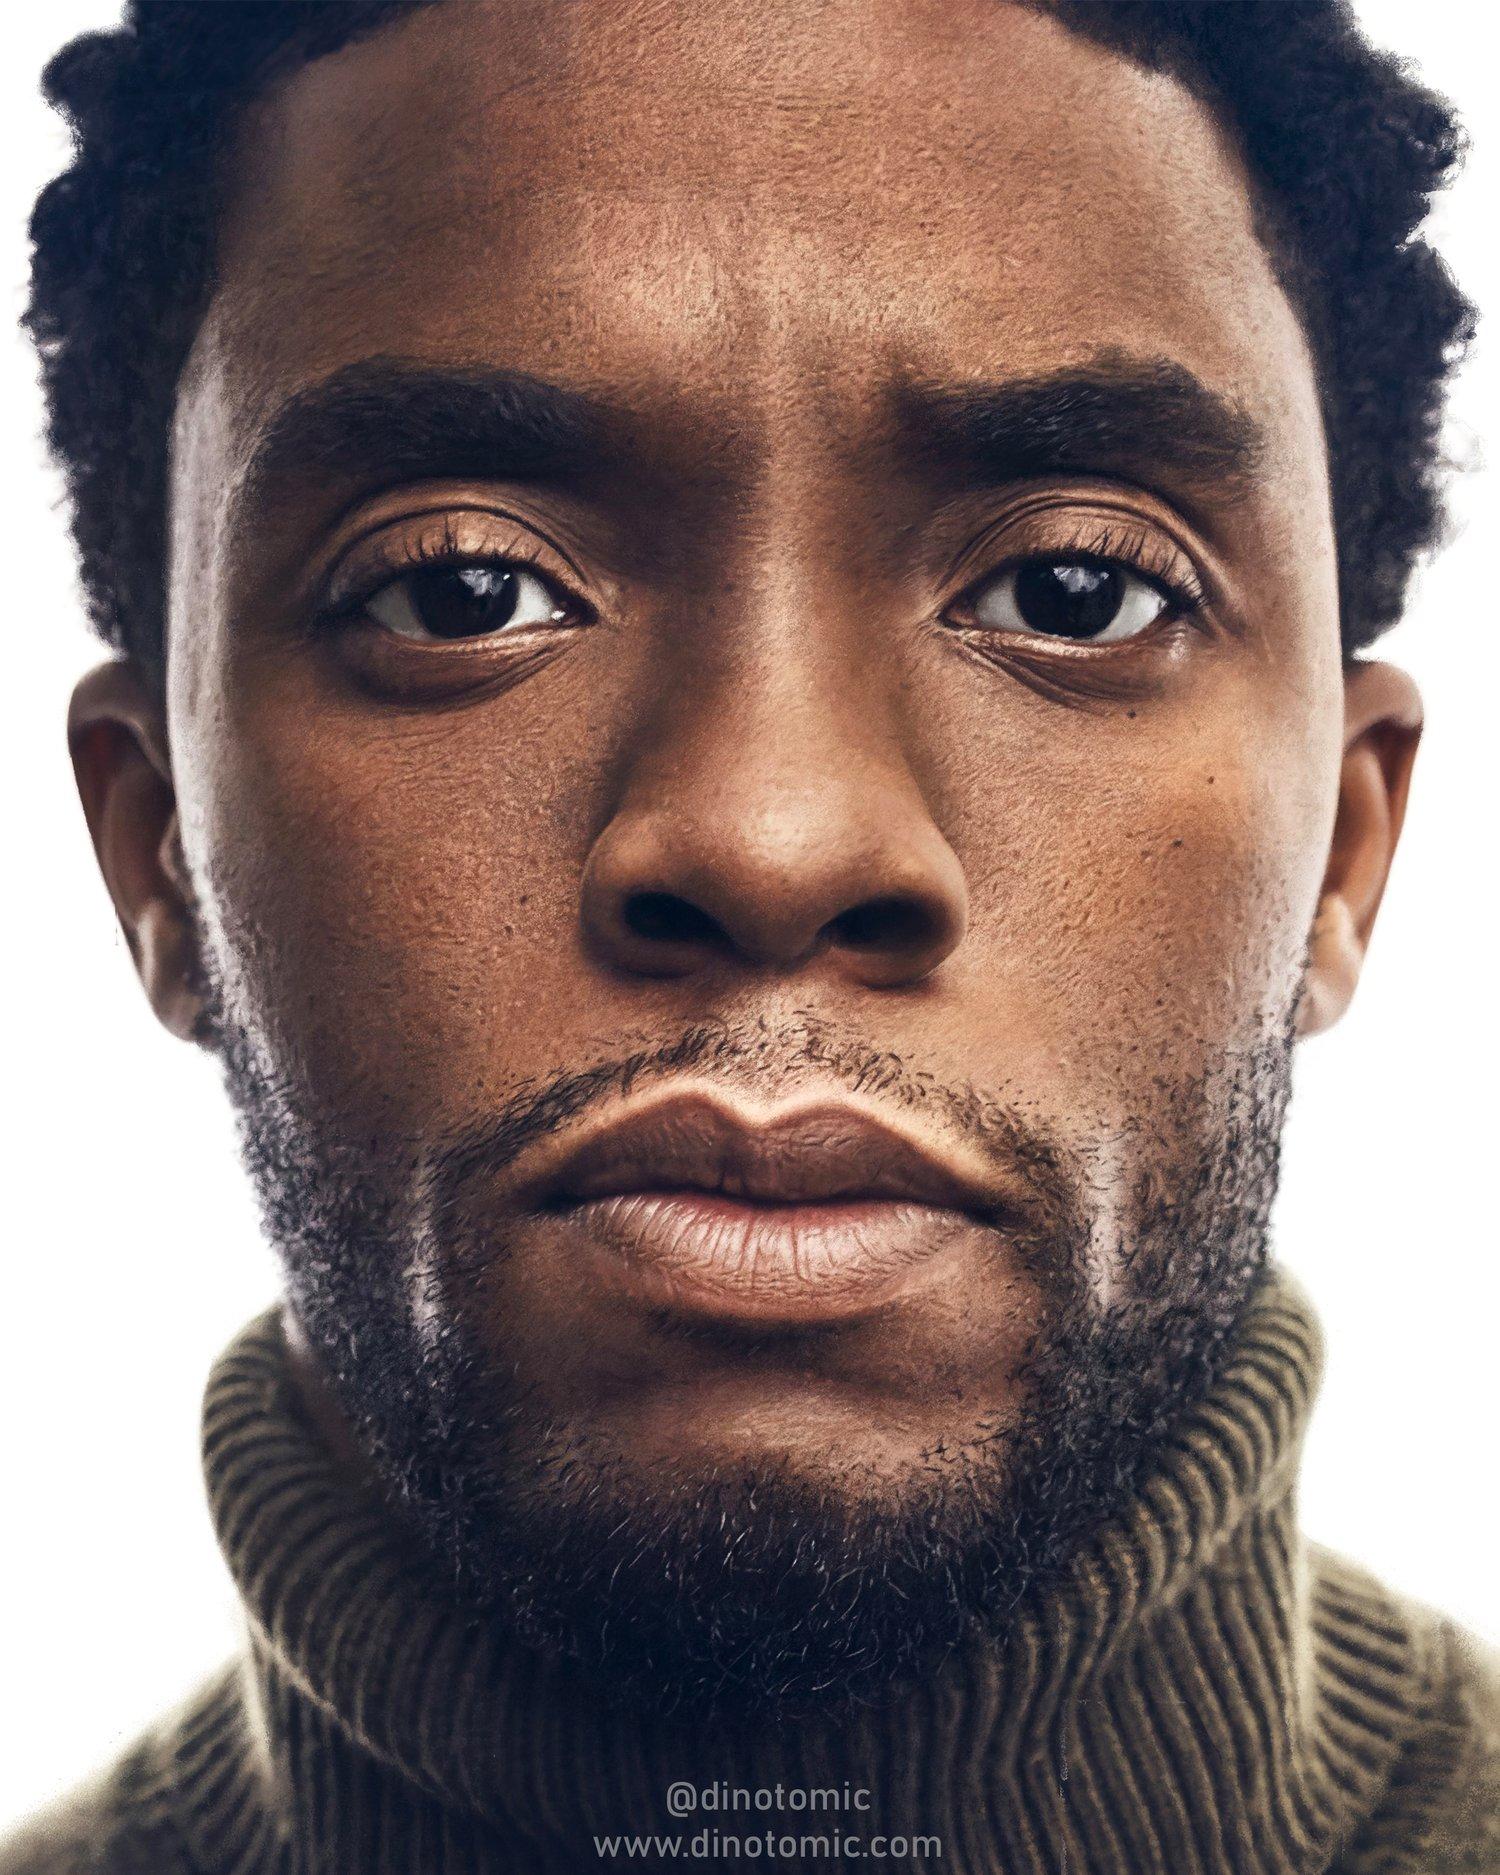 Image of #289 Chadwick Boseman realistic painting